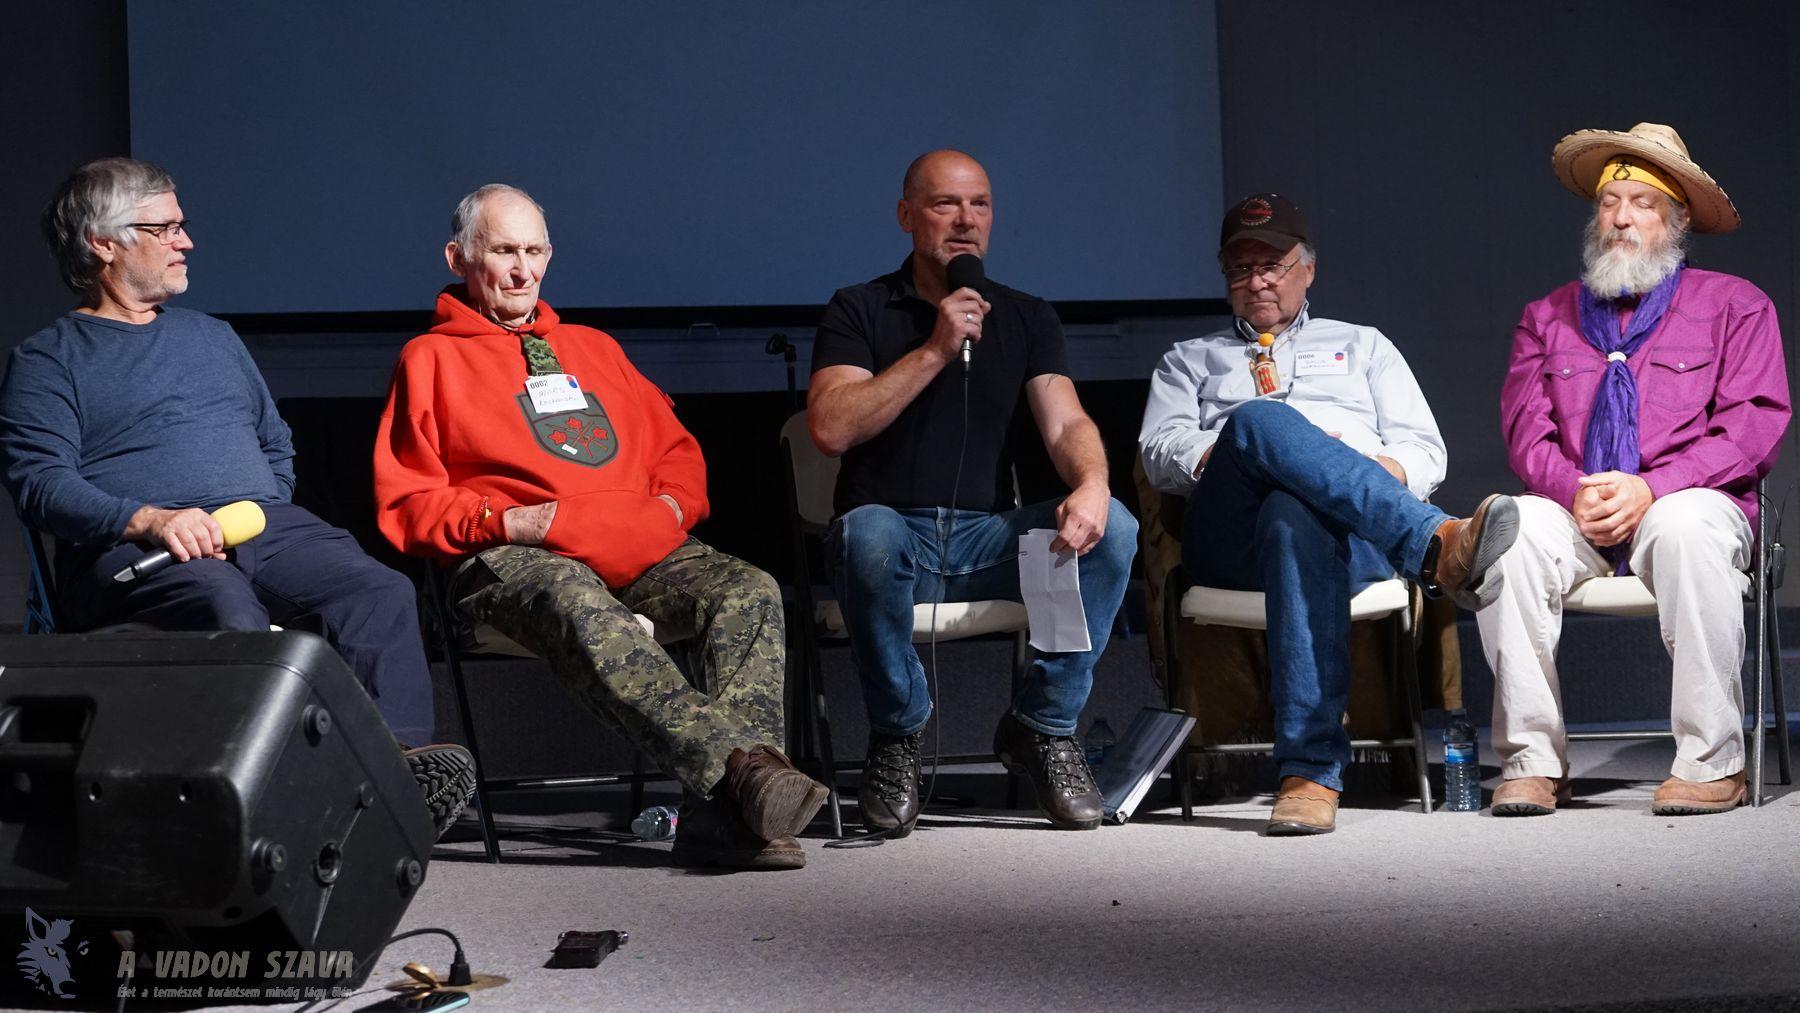 A bushcraft észak-amerikai titánjai: André-François Bourbeau, Mors Kochanski, Les Stroud (ezúttal moderátorként), David Wescott és David Holladay